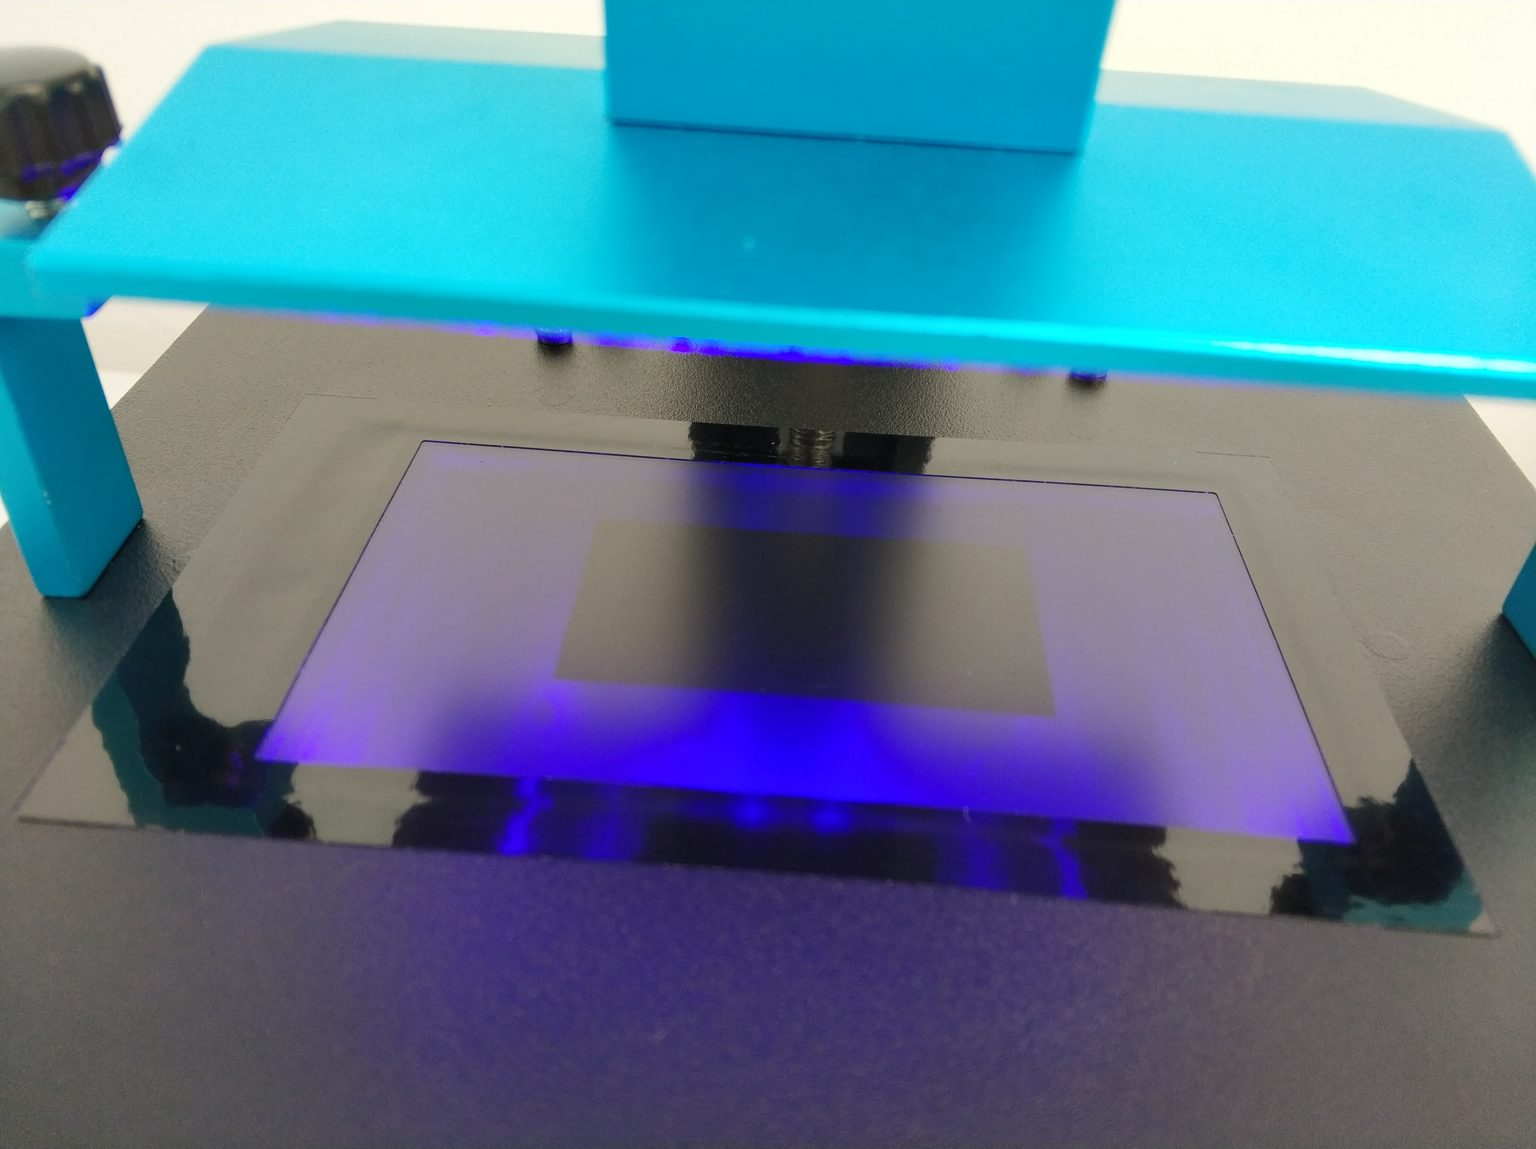 Luz LED de la Anycubic Photon Zero